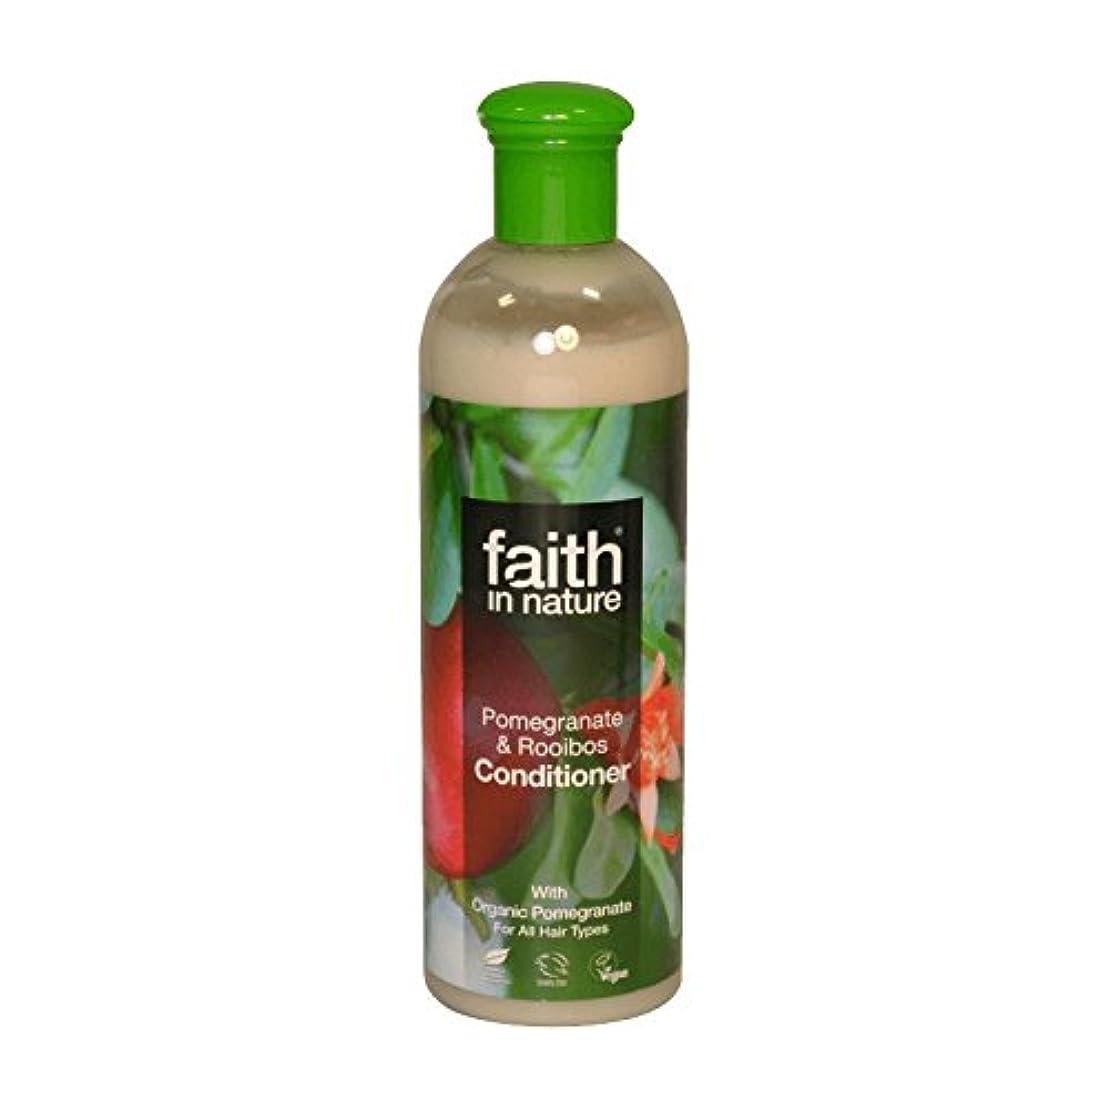 アルコーブ水没どれFaith in Nature Pomegranate & Roobios Conditioner 400ml (Pack of 2) - 自然ザクロ&Roobiosコンディショナー400ミリリットルの信仰 (x2) [...